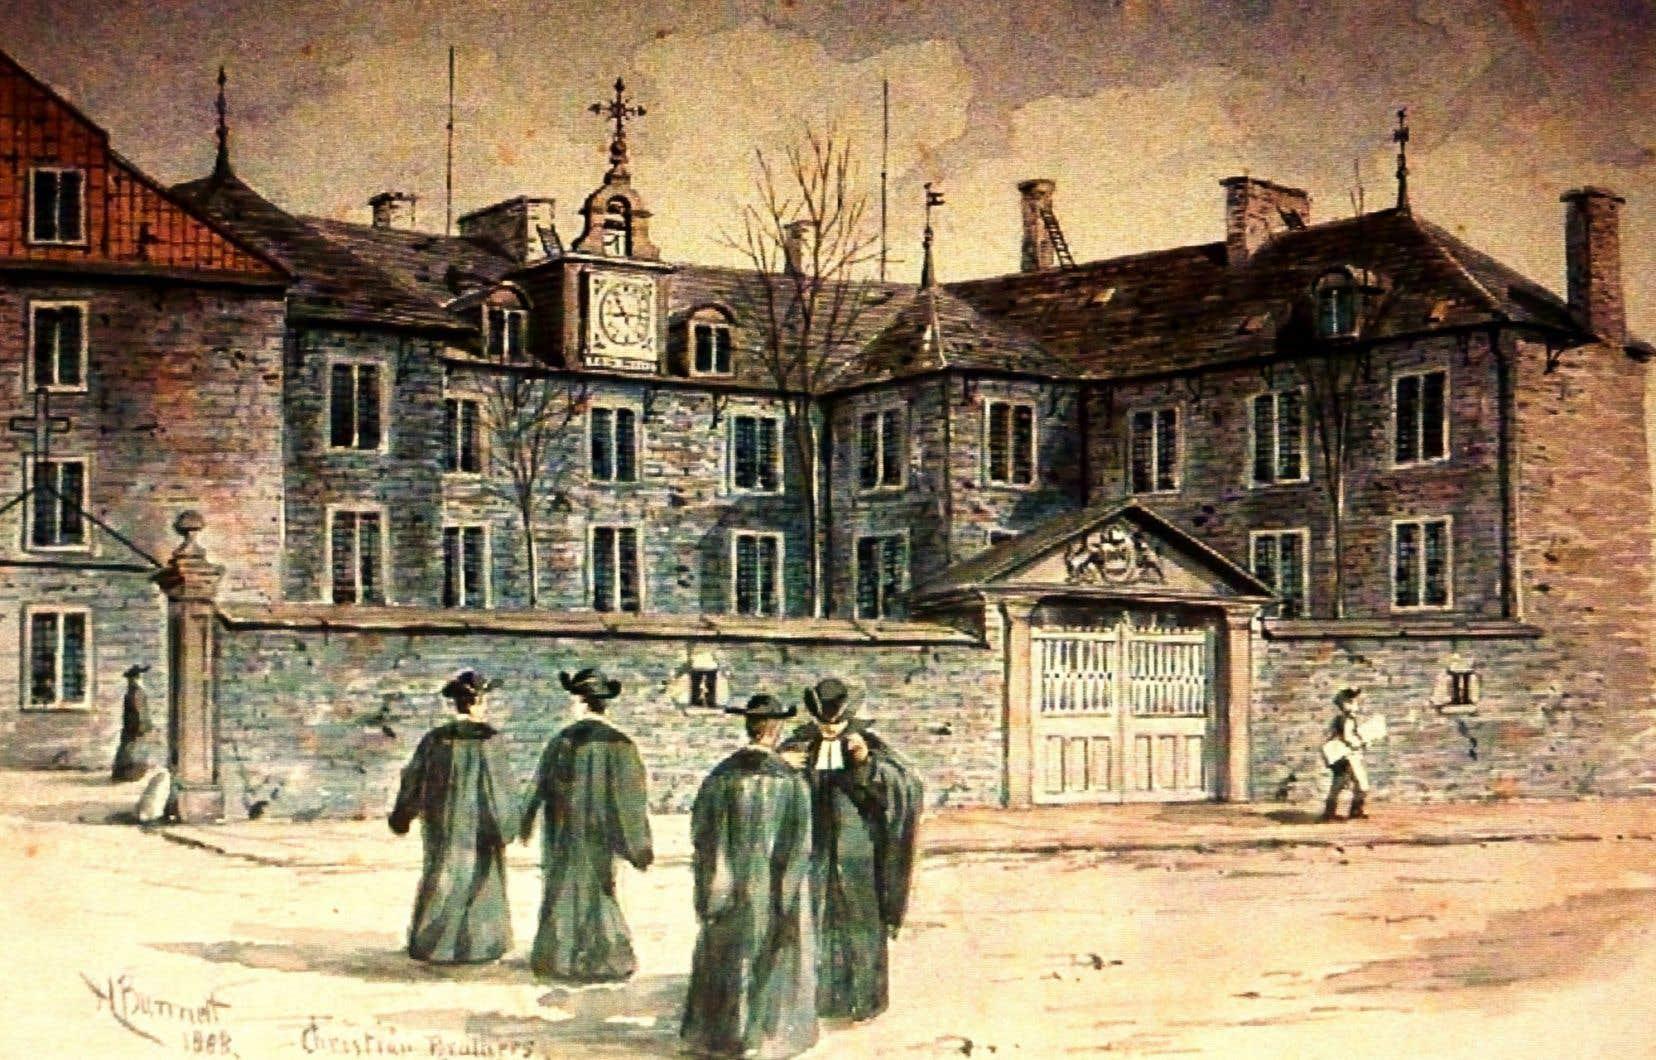 Montréal a été le théâtre «d'innovations» religieuses. Les sulpiciens, qui ont fondé le séminaire de la rue Notre-Dame (ci-dessus sur une gravure de Henry Richard S. Bunnett, 1888), avaient un mode de cohabitation inédit.